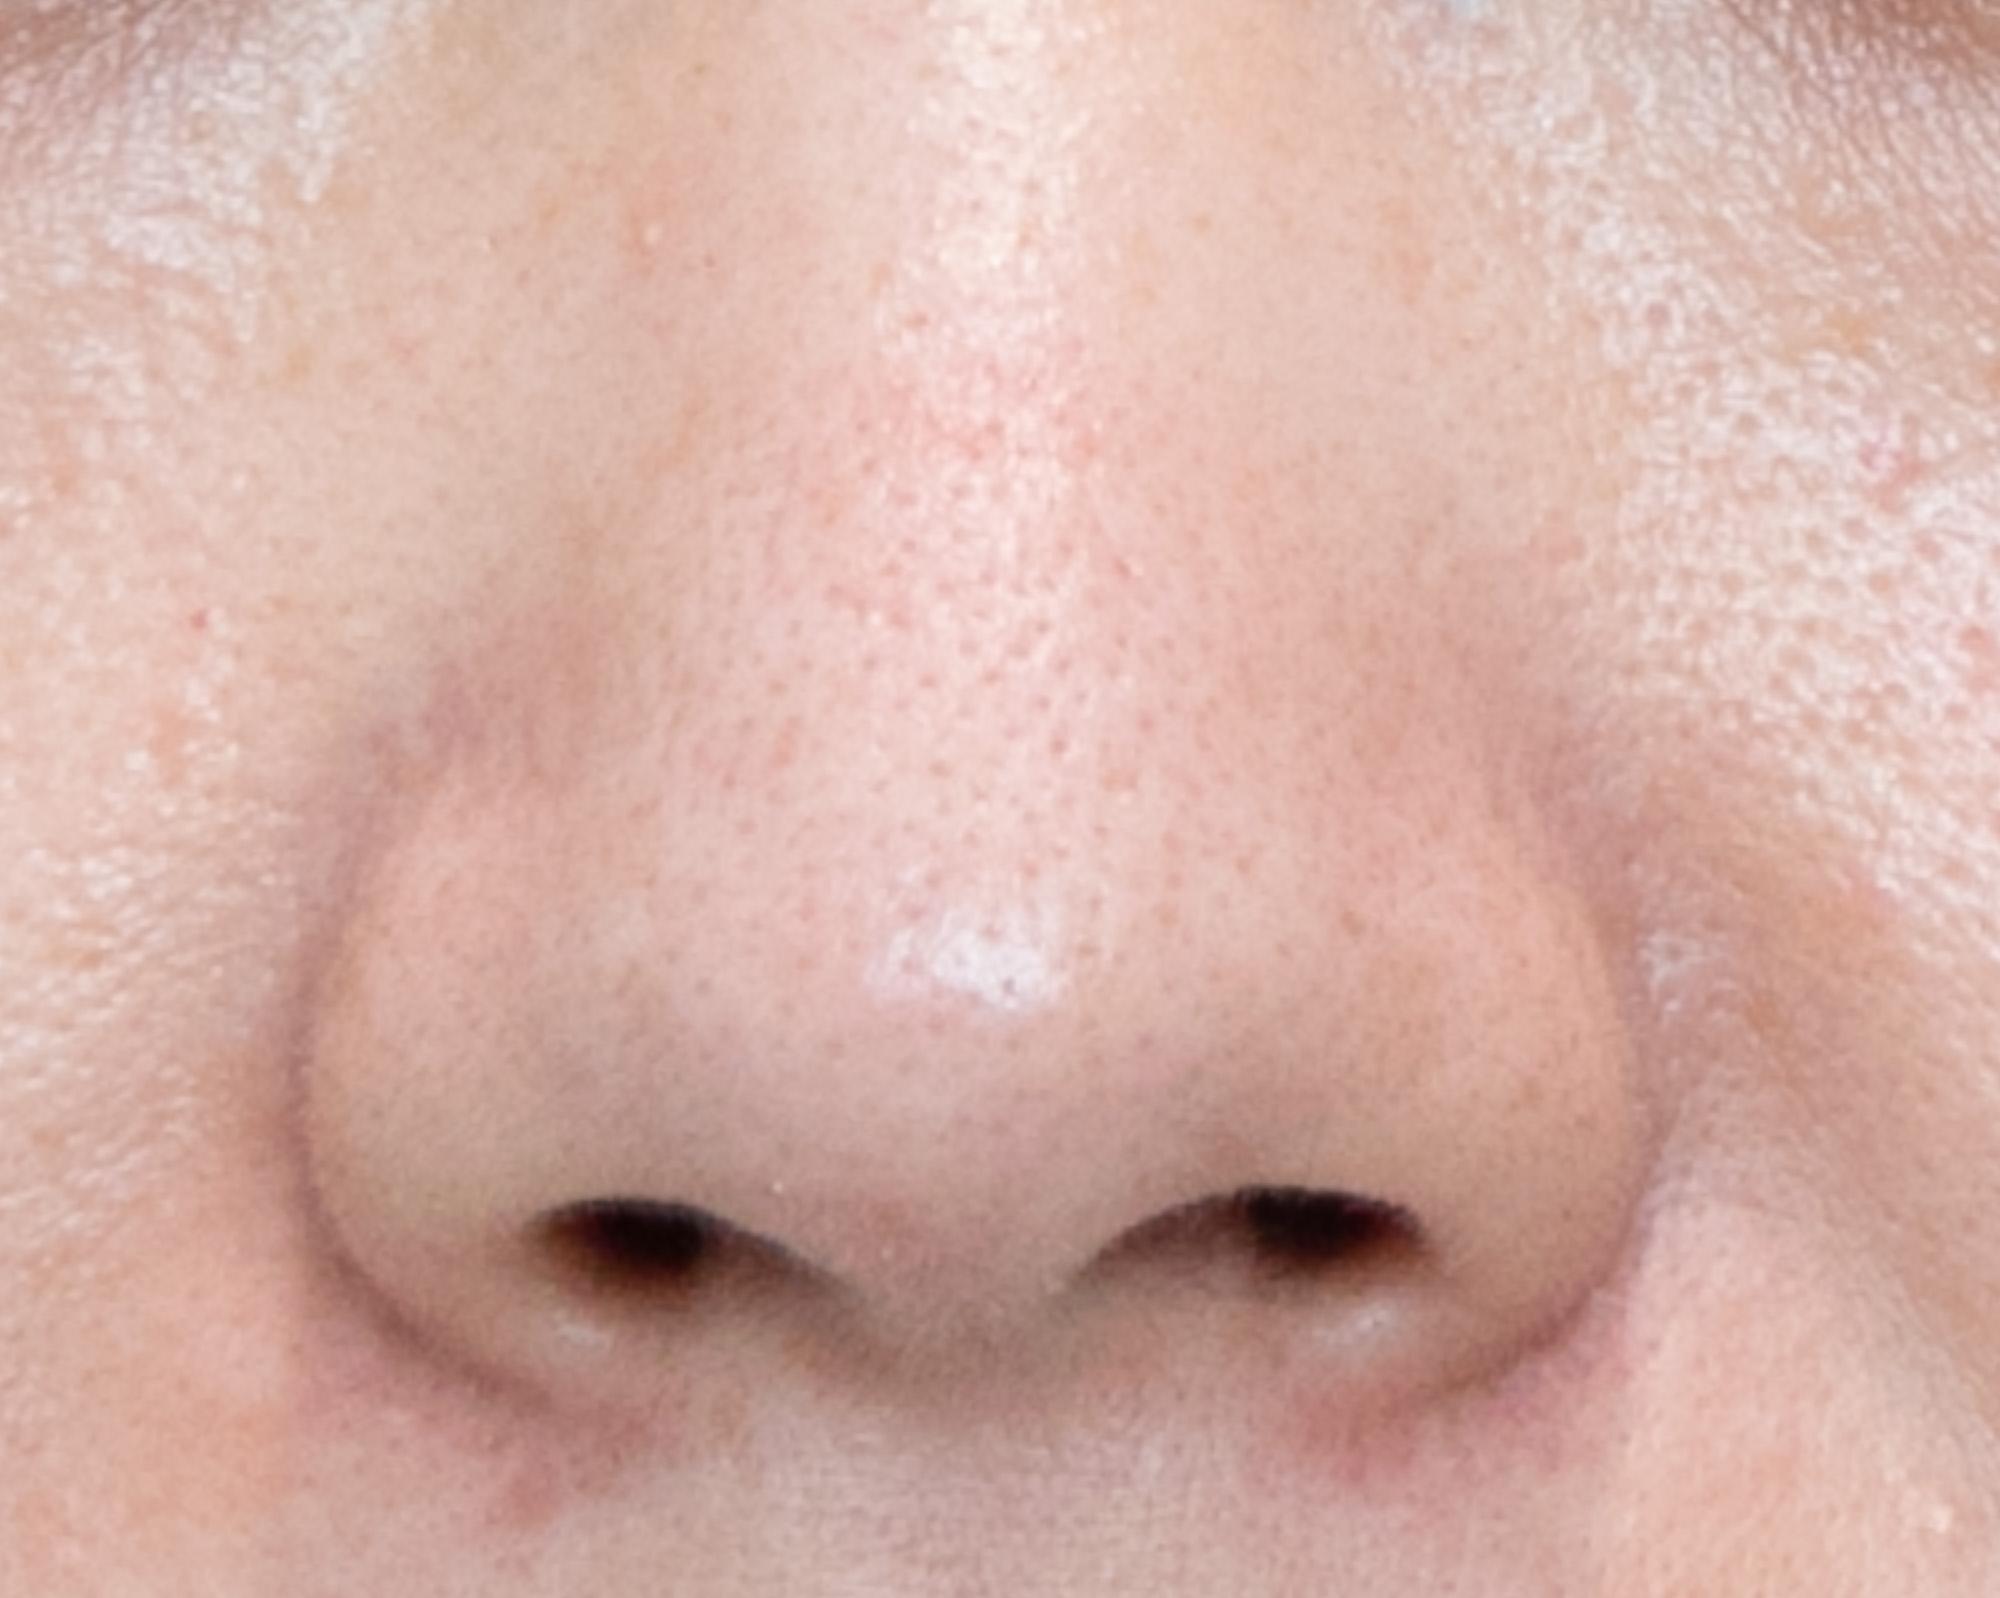 アップ過ぎると鼻孔に目が行ってしまう